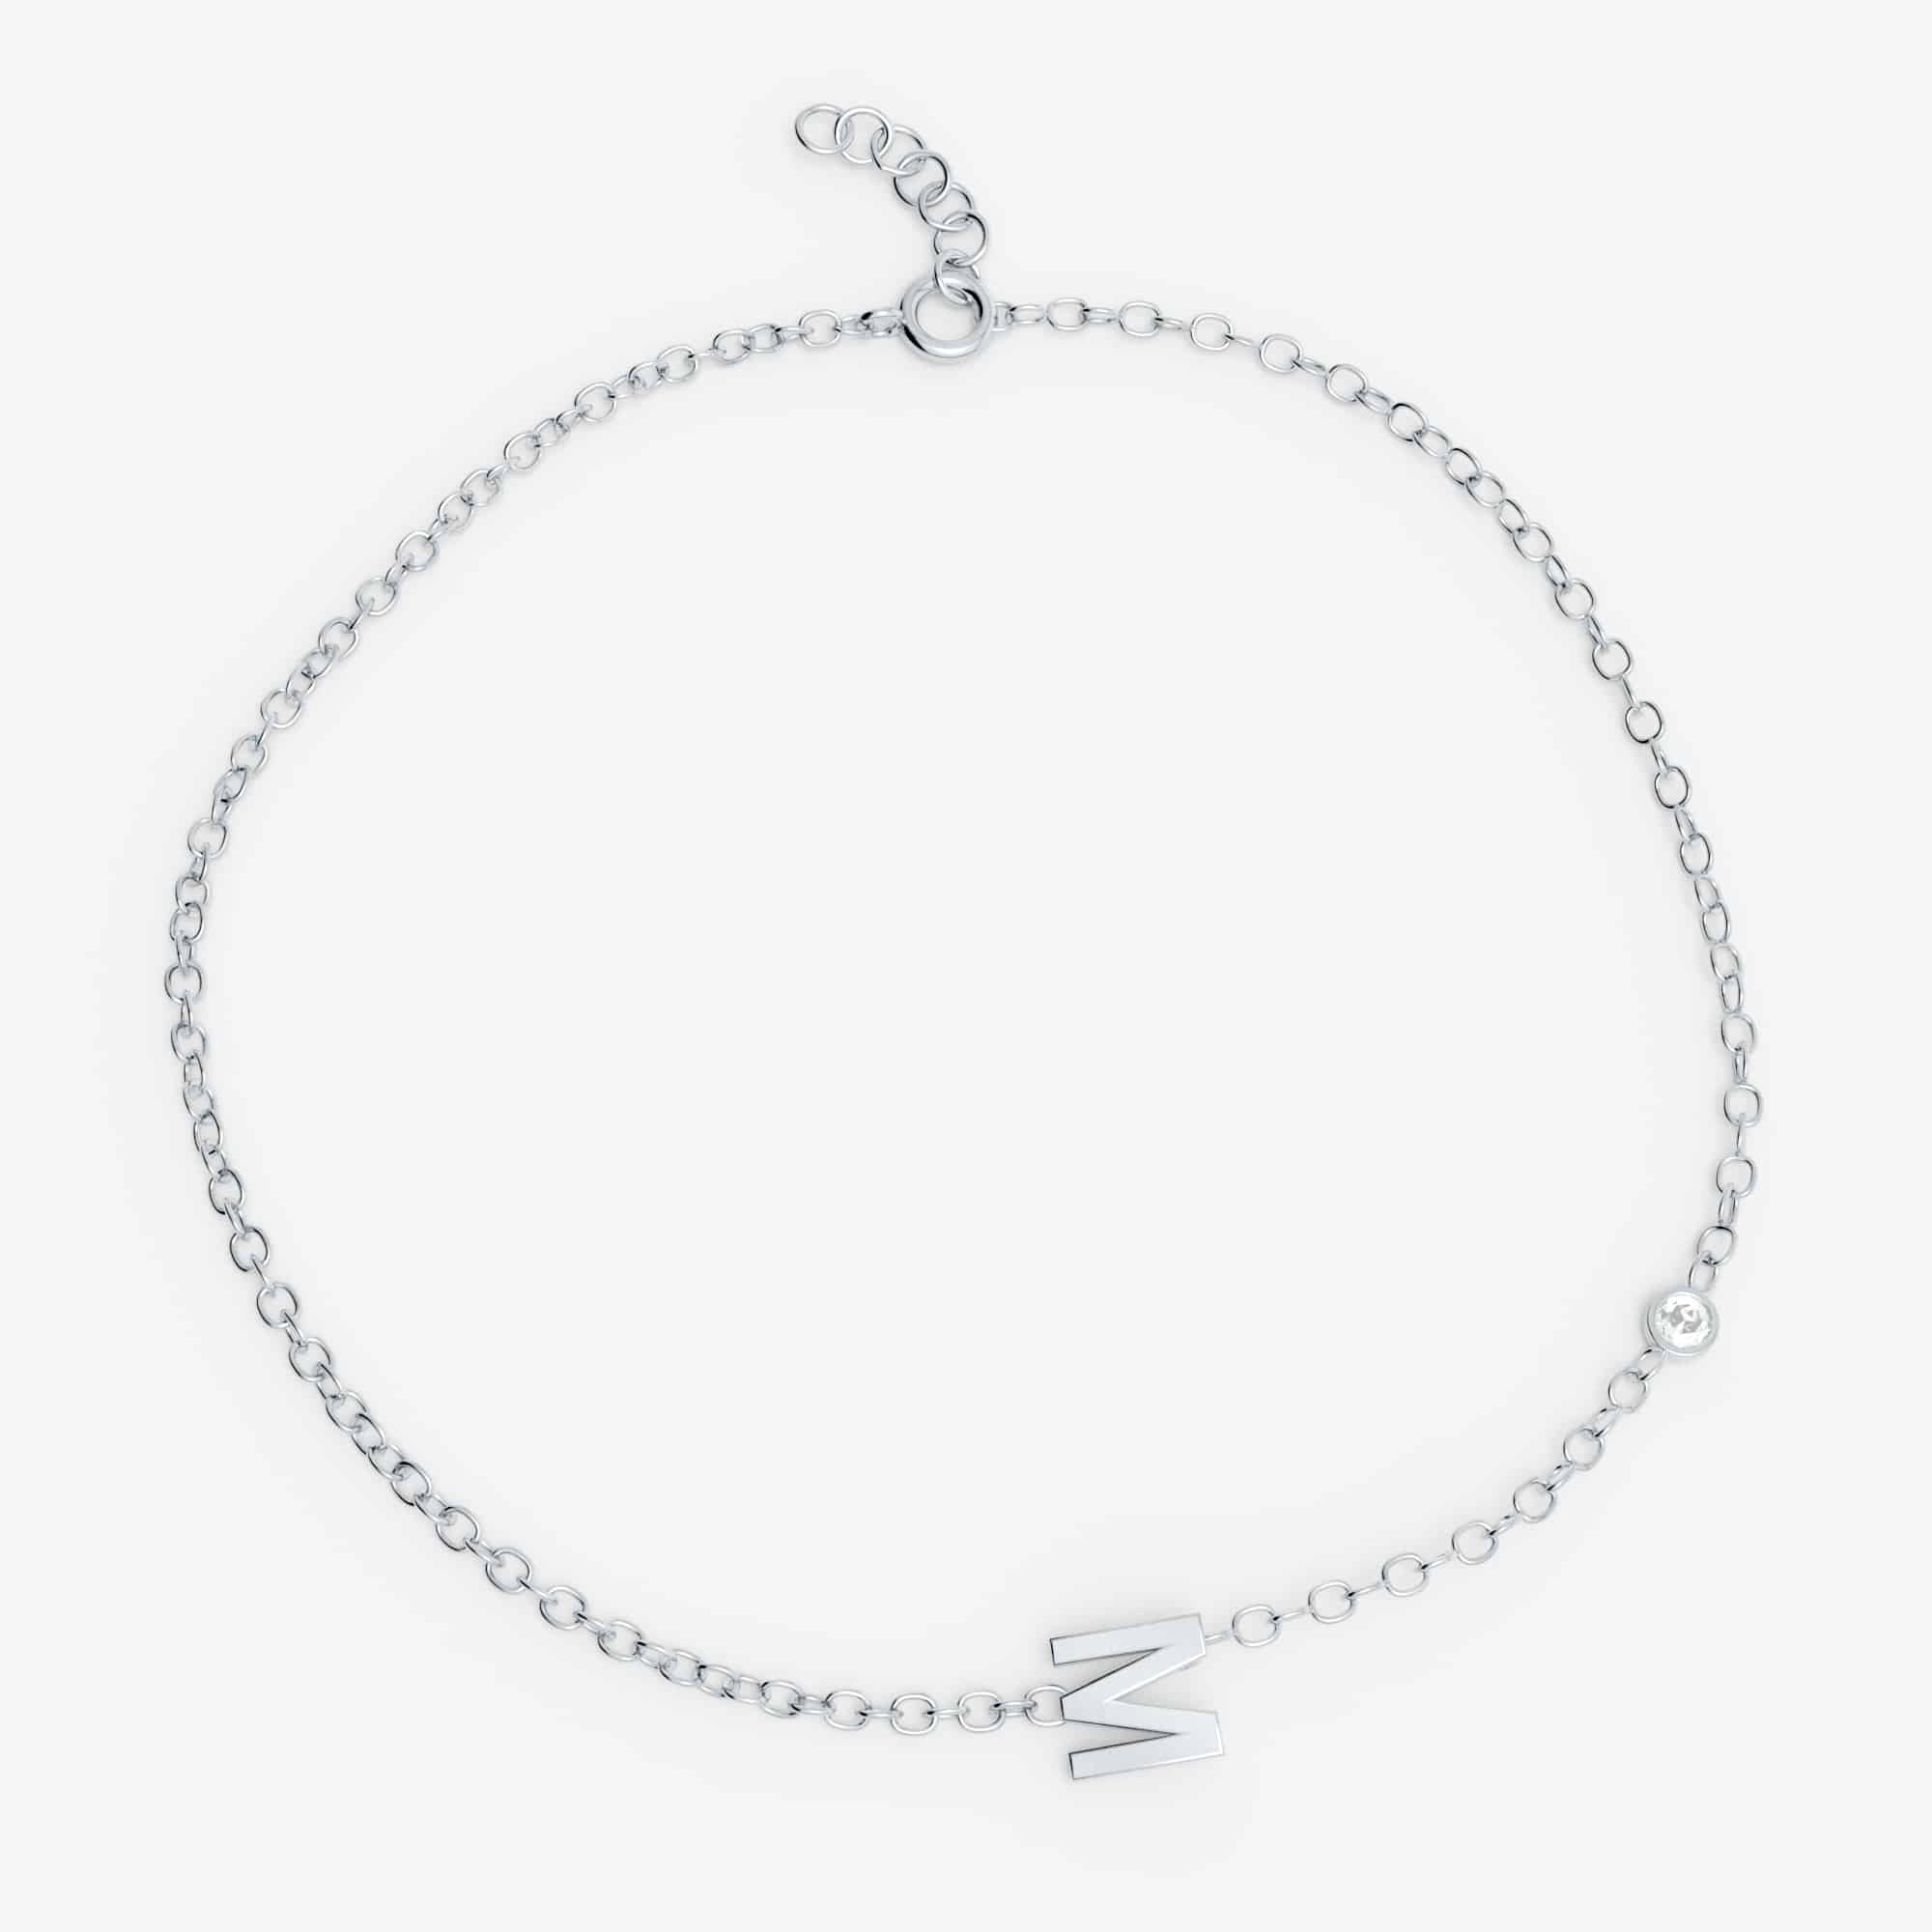 Bracelet lettre personnalisée diamant - Or blanc 18 carats